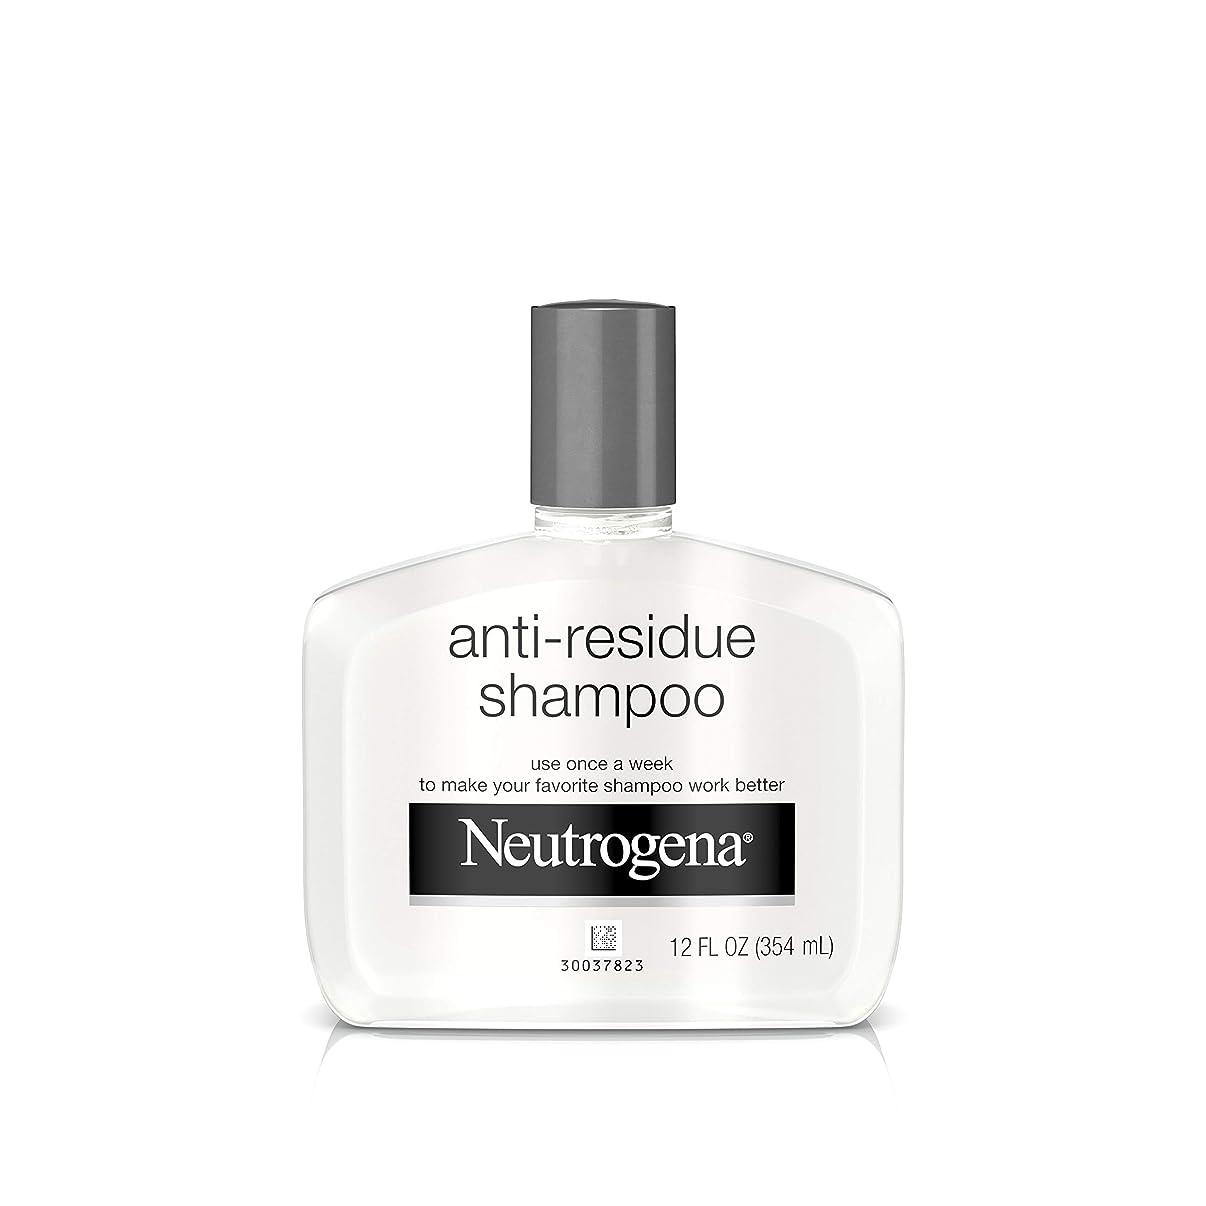 スロープフラスコ許容Neutrogena アンチ残留シャンプー、ジェントル非刺激性クラリファイングシャンプーは髪のビルドアップ&残基、12フロリダを削除します。オズ